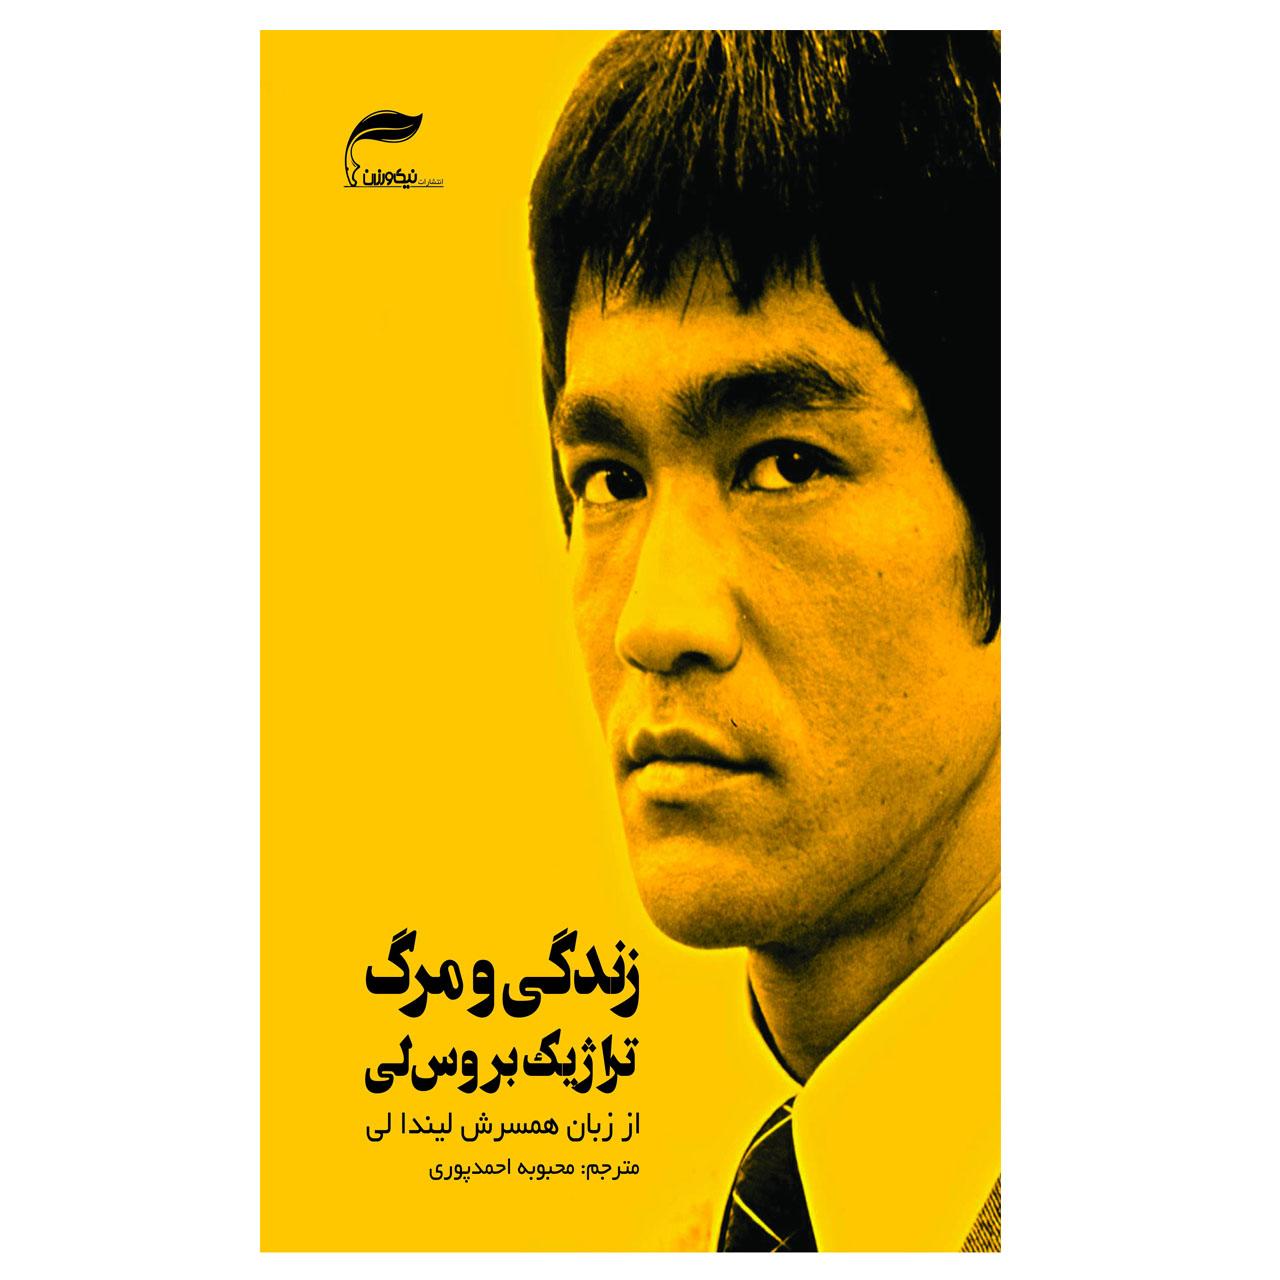 کتاب زندگی و مرگ تراژیک بروس لی اثر لیندا لی انتشارات نیک ورزان